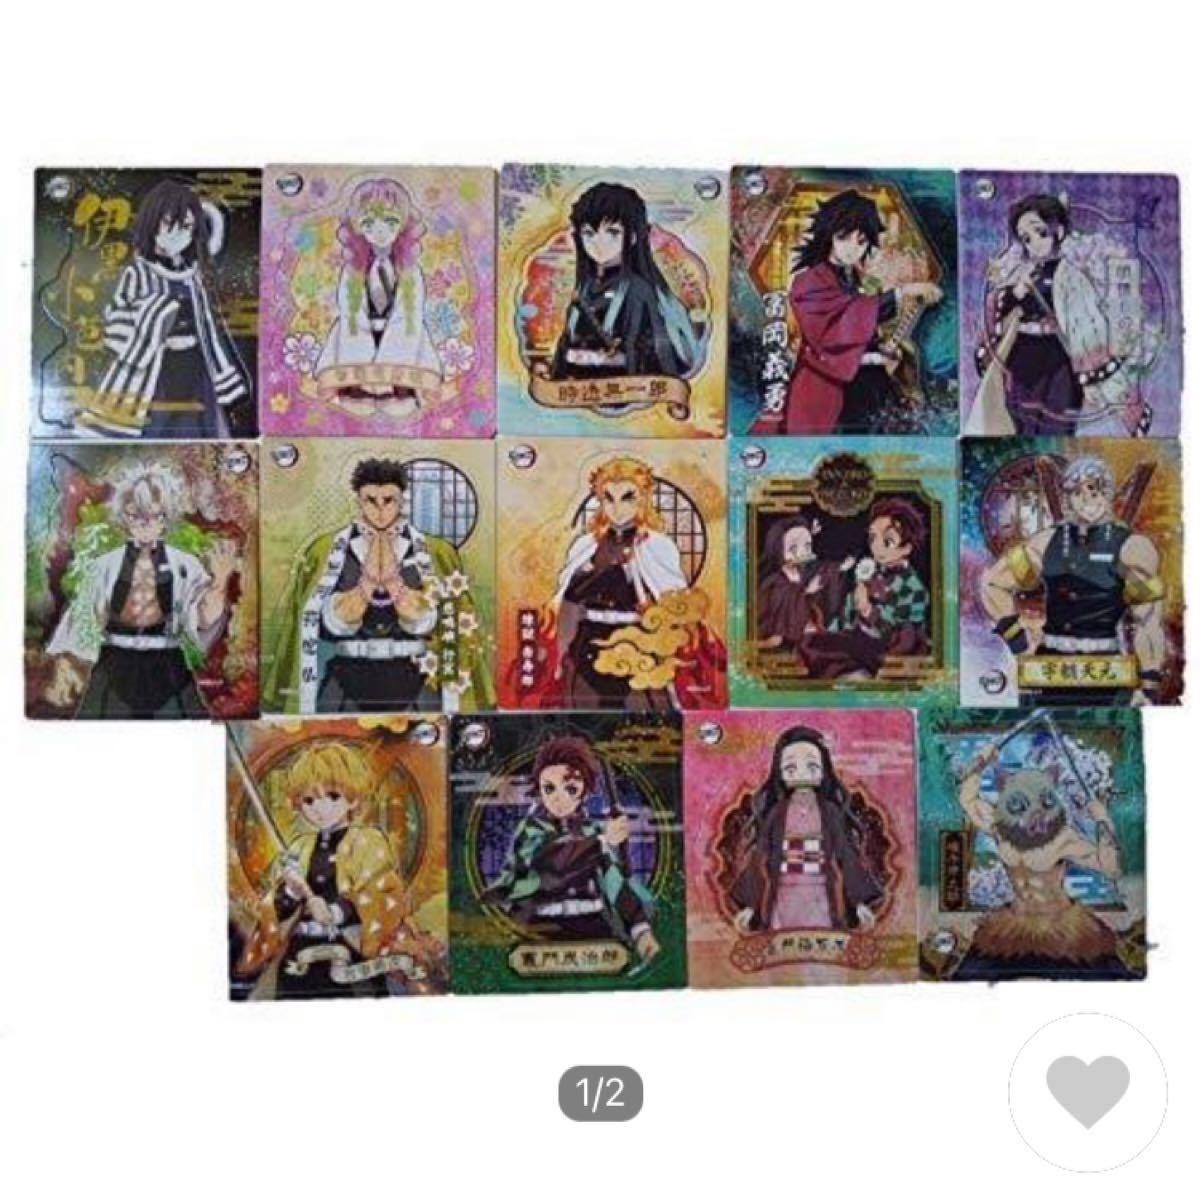 鬼滅の刃 マグネットコレクションガム 全14種 BOX売り